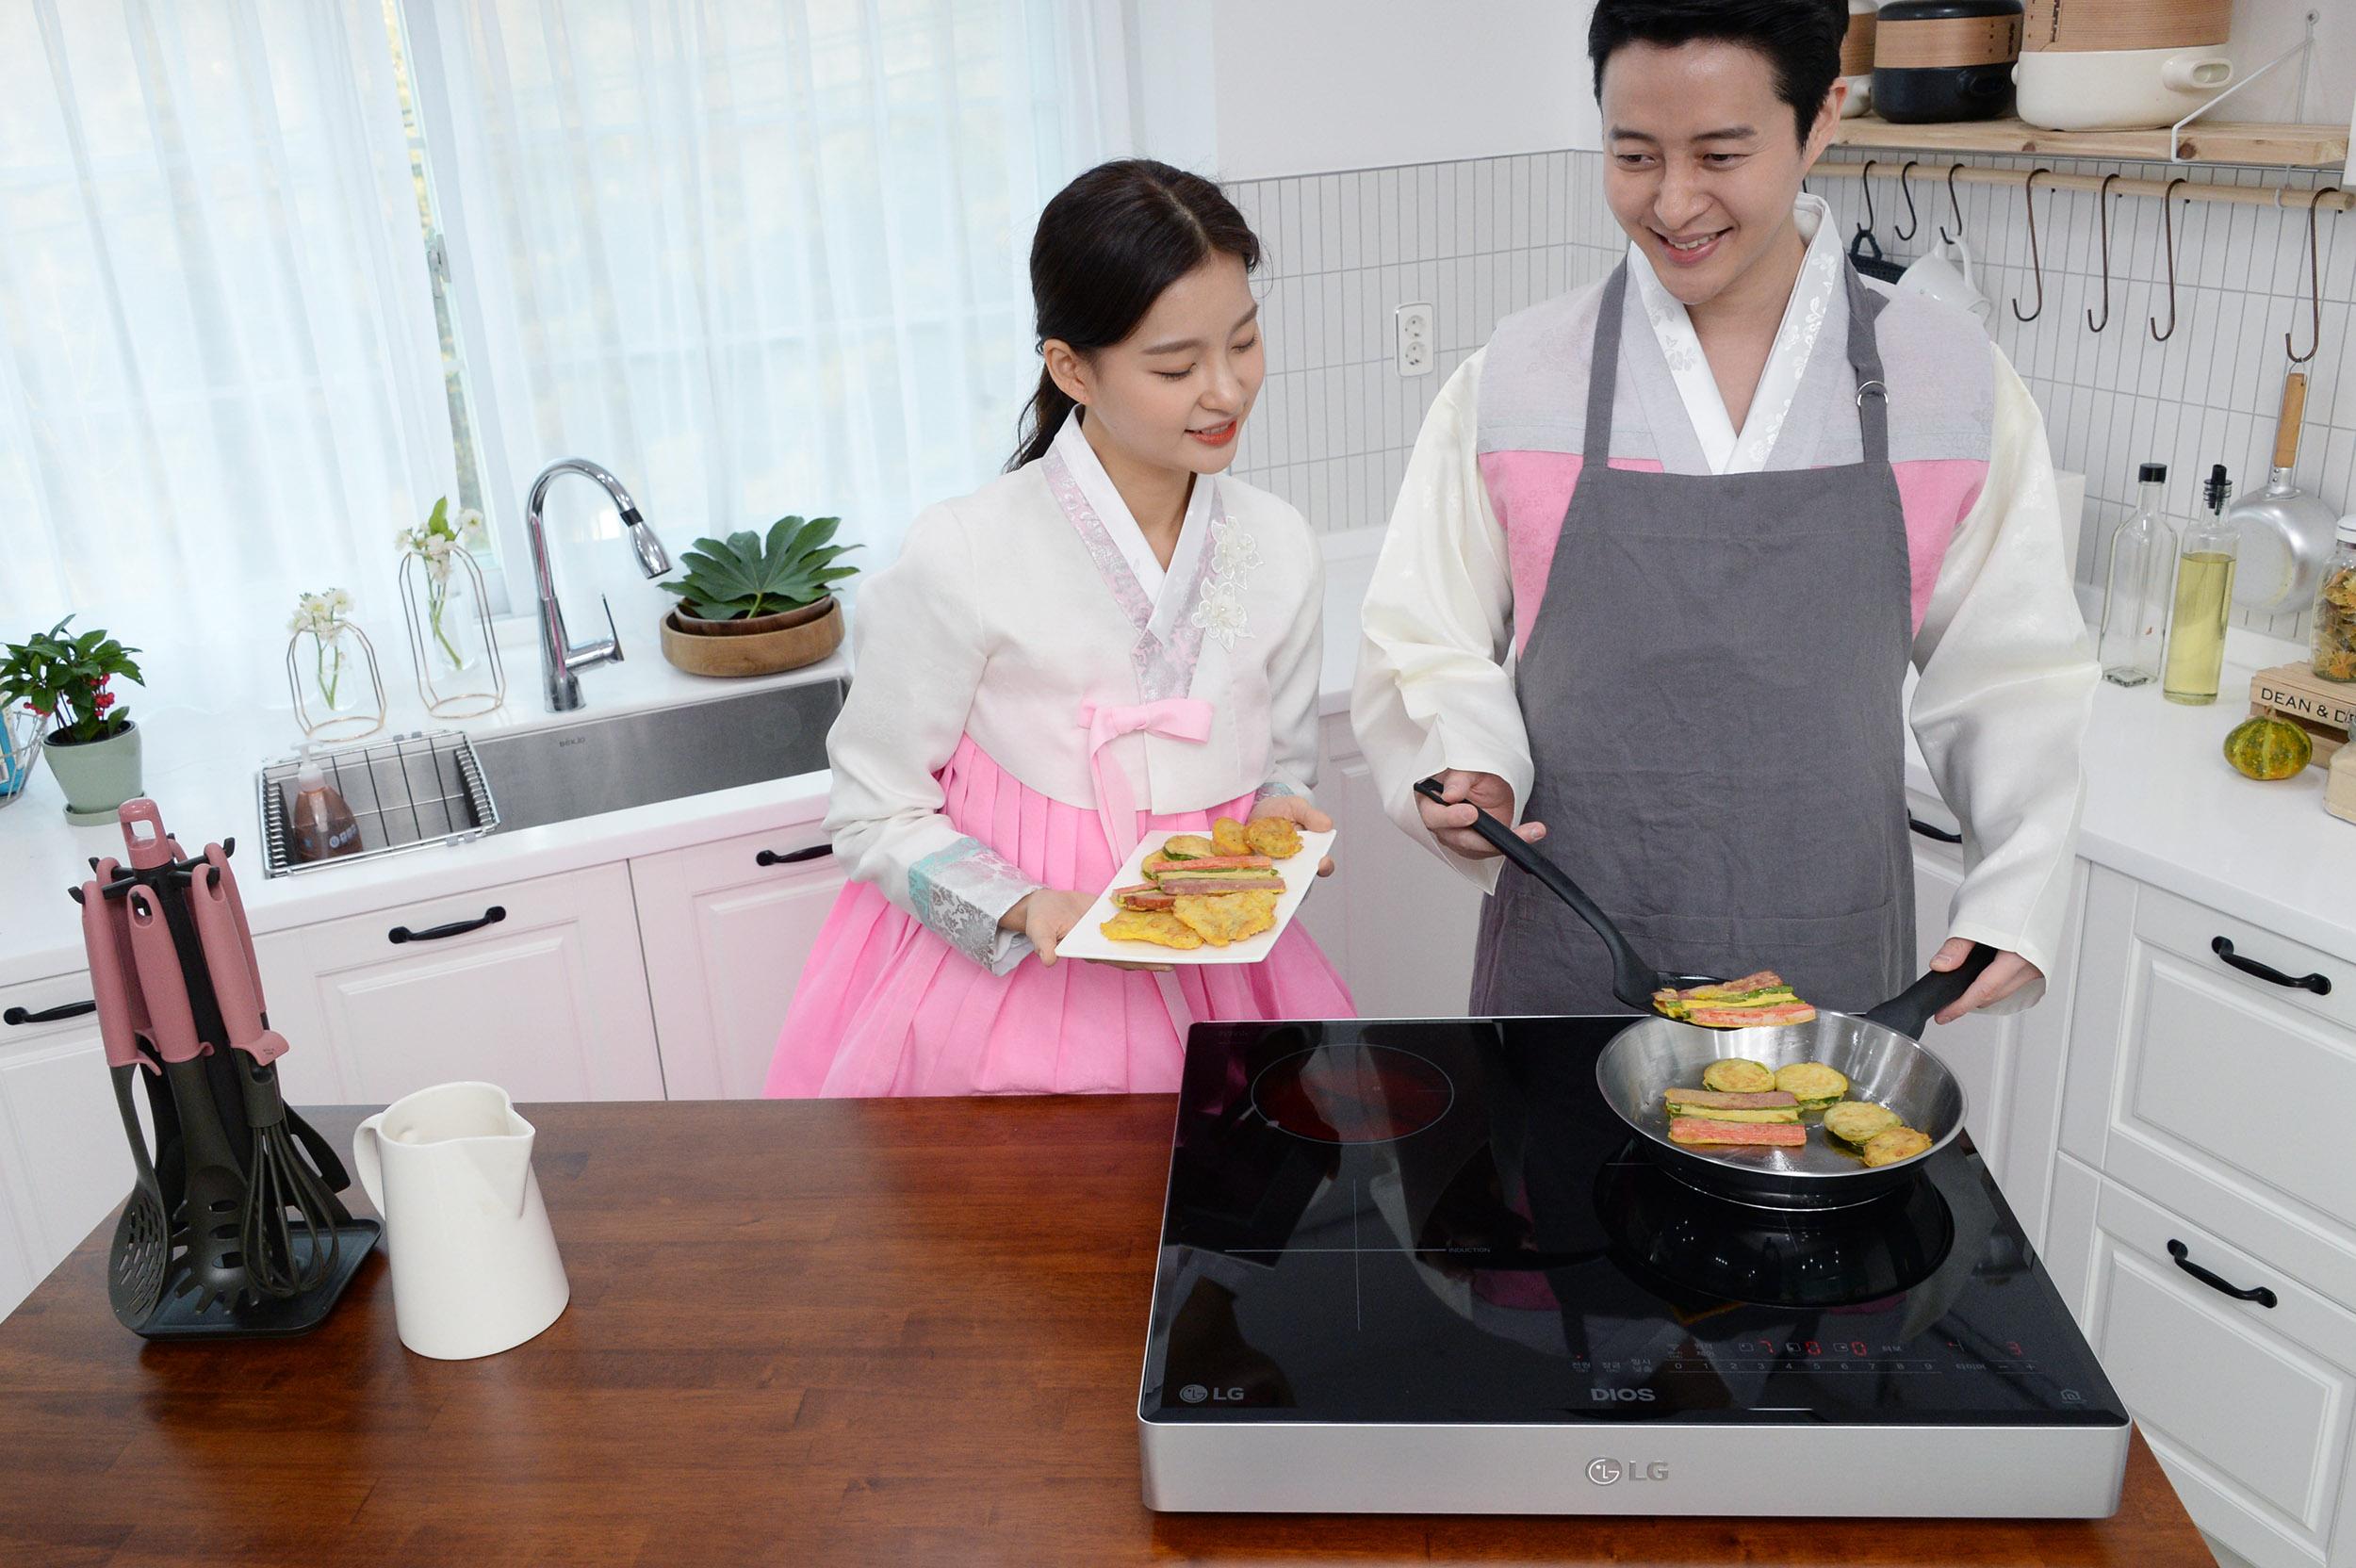 LG 디오스 전기레인지가 과거 대표적인 조리기기였던 가스레인지를 빠르게 대체하고 있다. 사진은 설을 맞아 LG 디오스 전기레인지로 명절음식을 장만하는 모습.